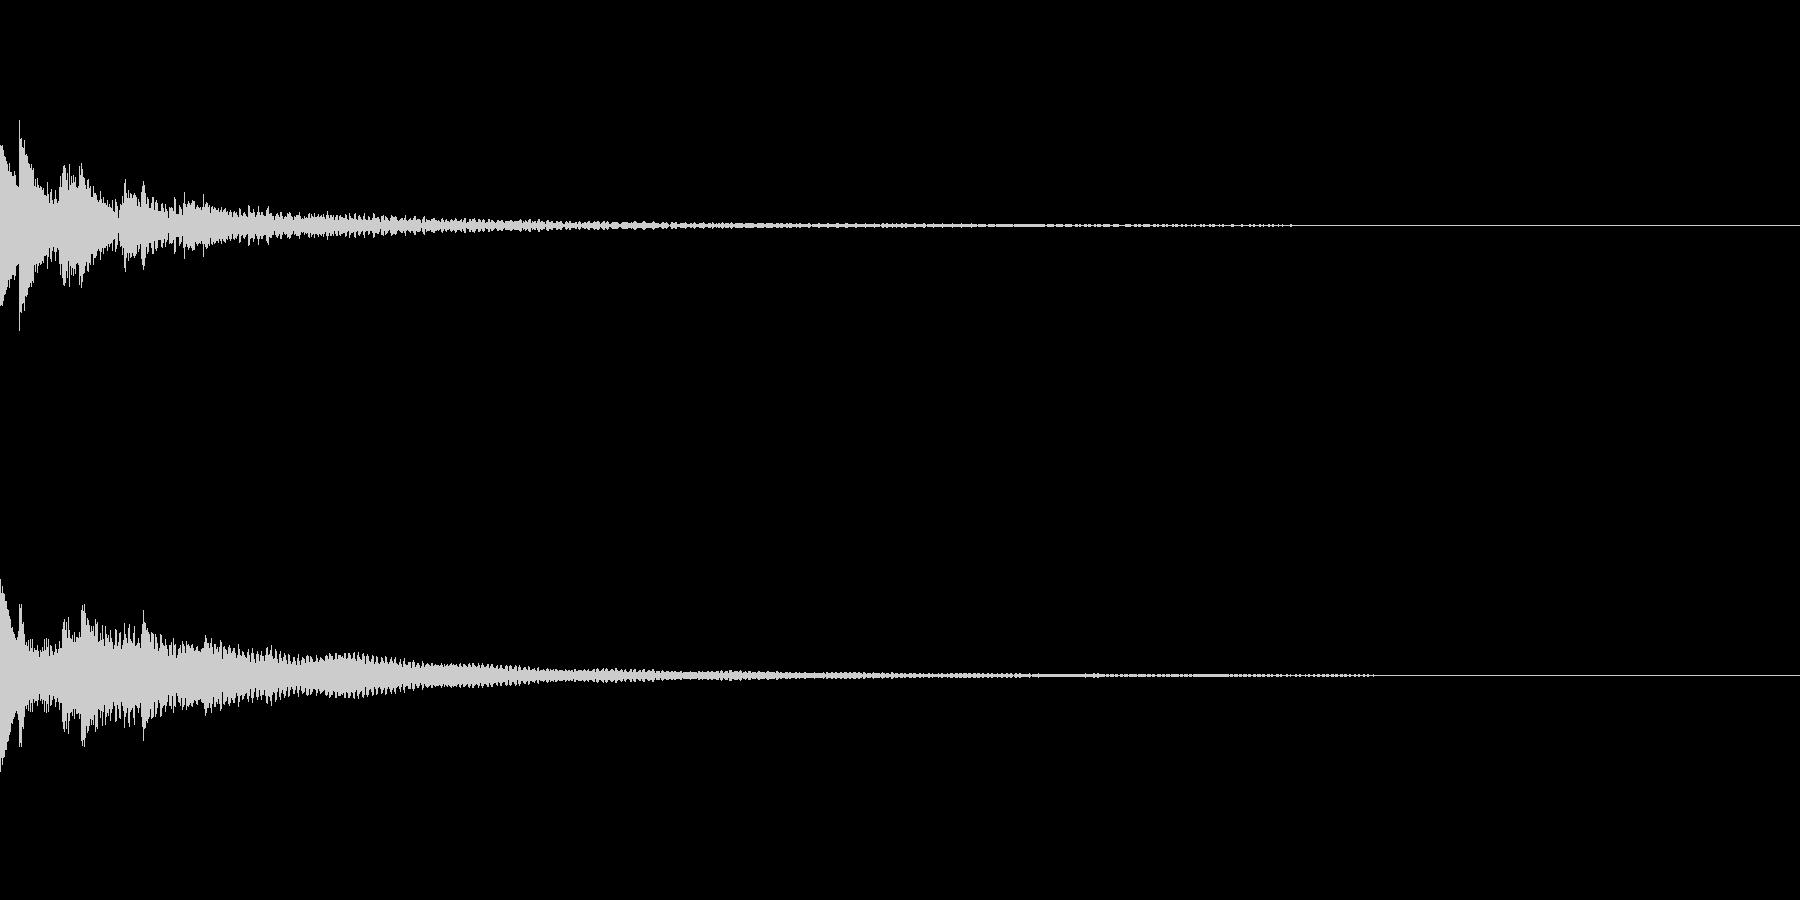 コイン選択画面 1ドル選択音の未再生の波形